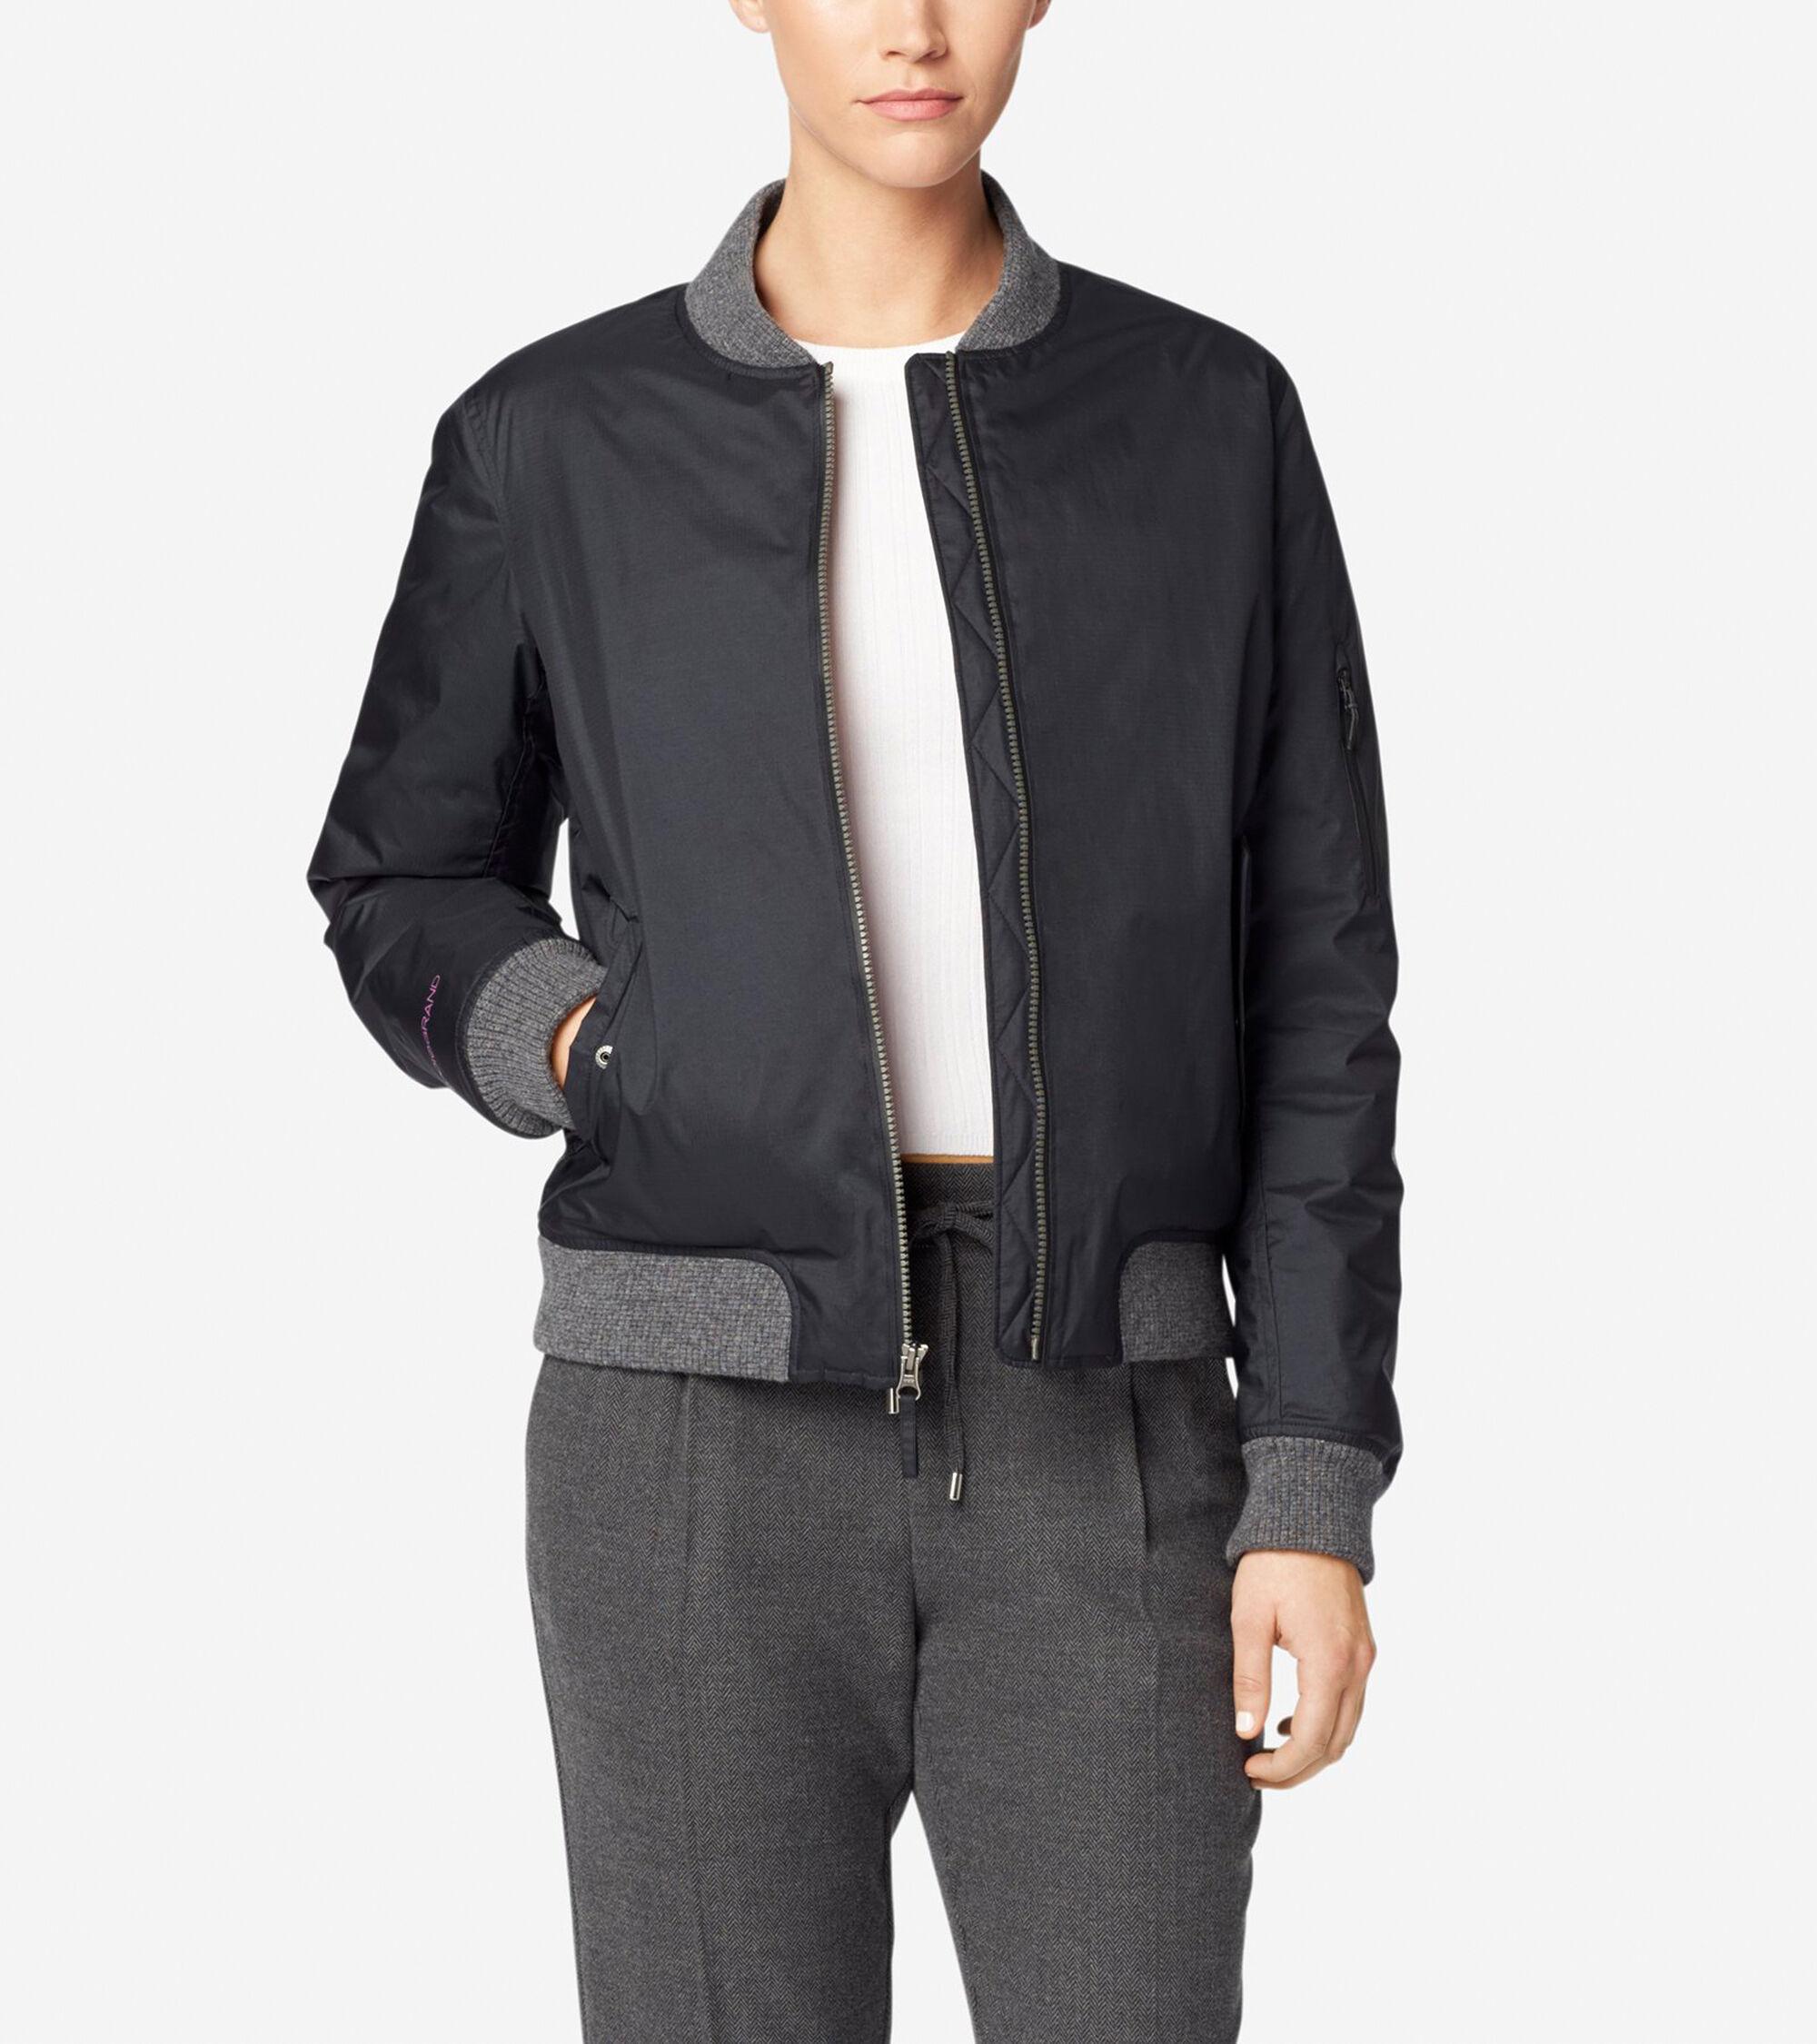 Leather jacket repair vancouver - Studi Grand Bomber Jacket Studi Grand